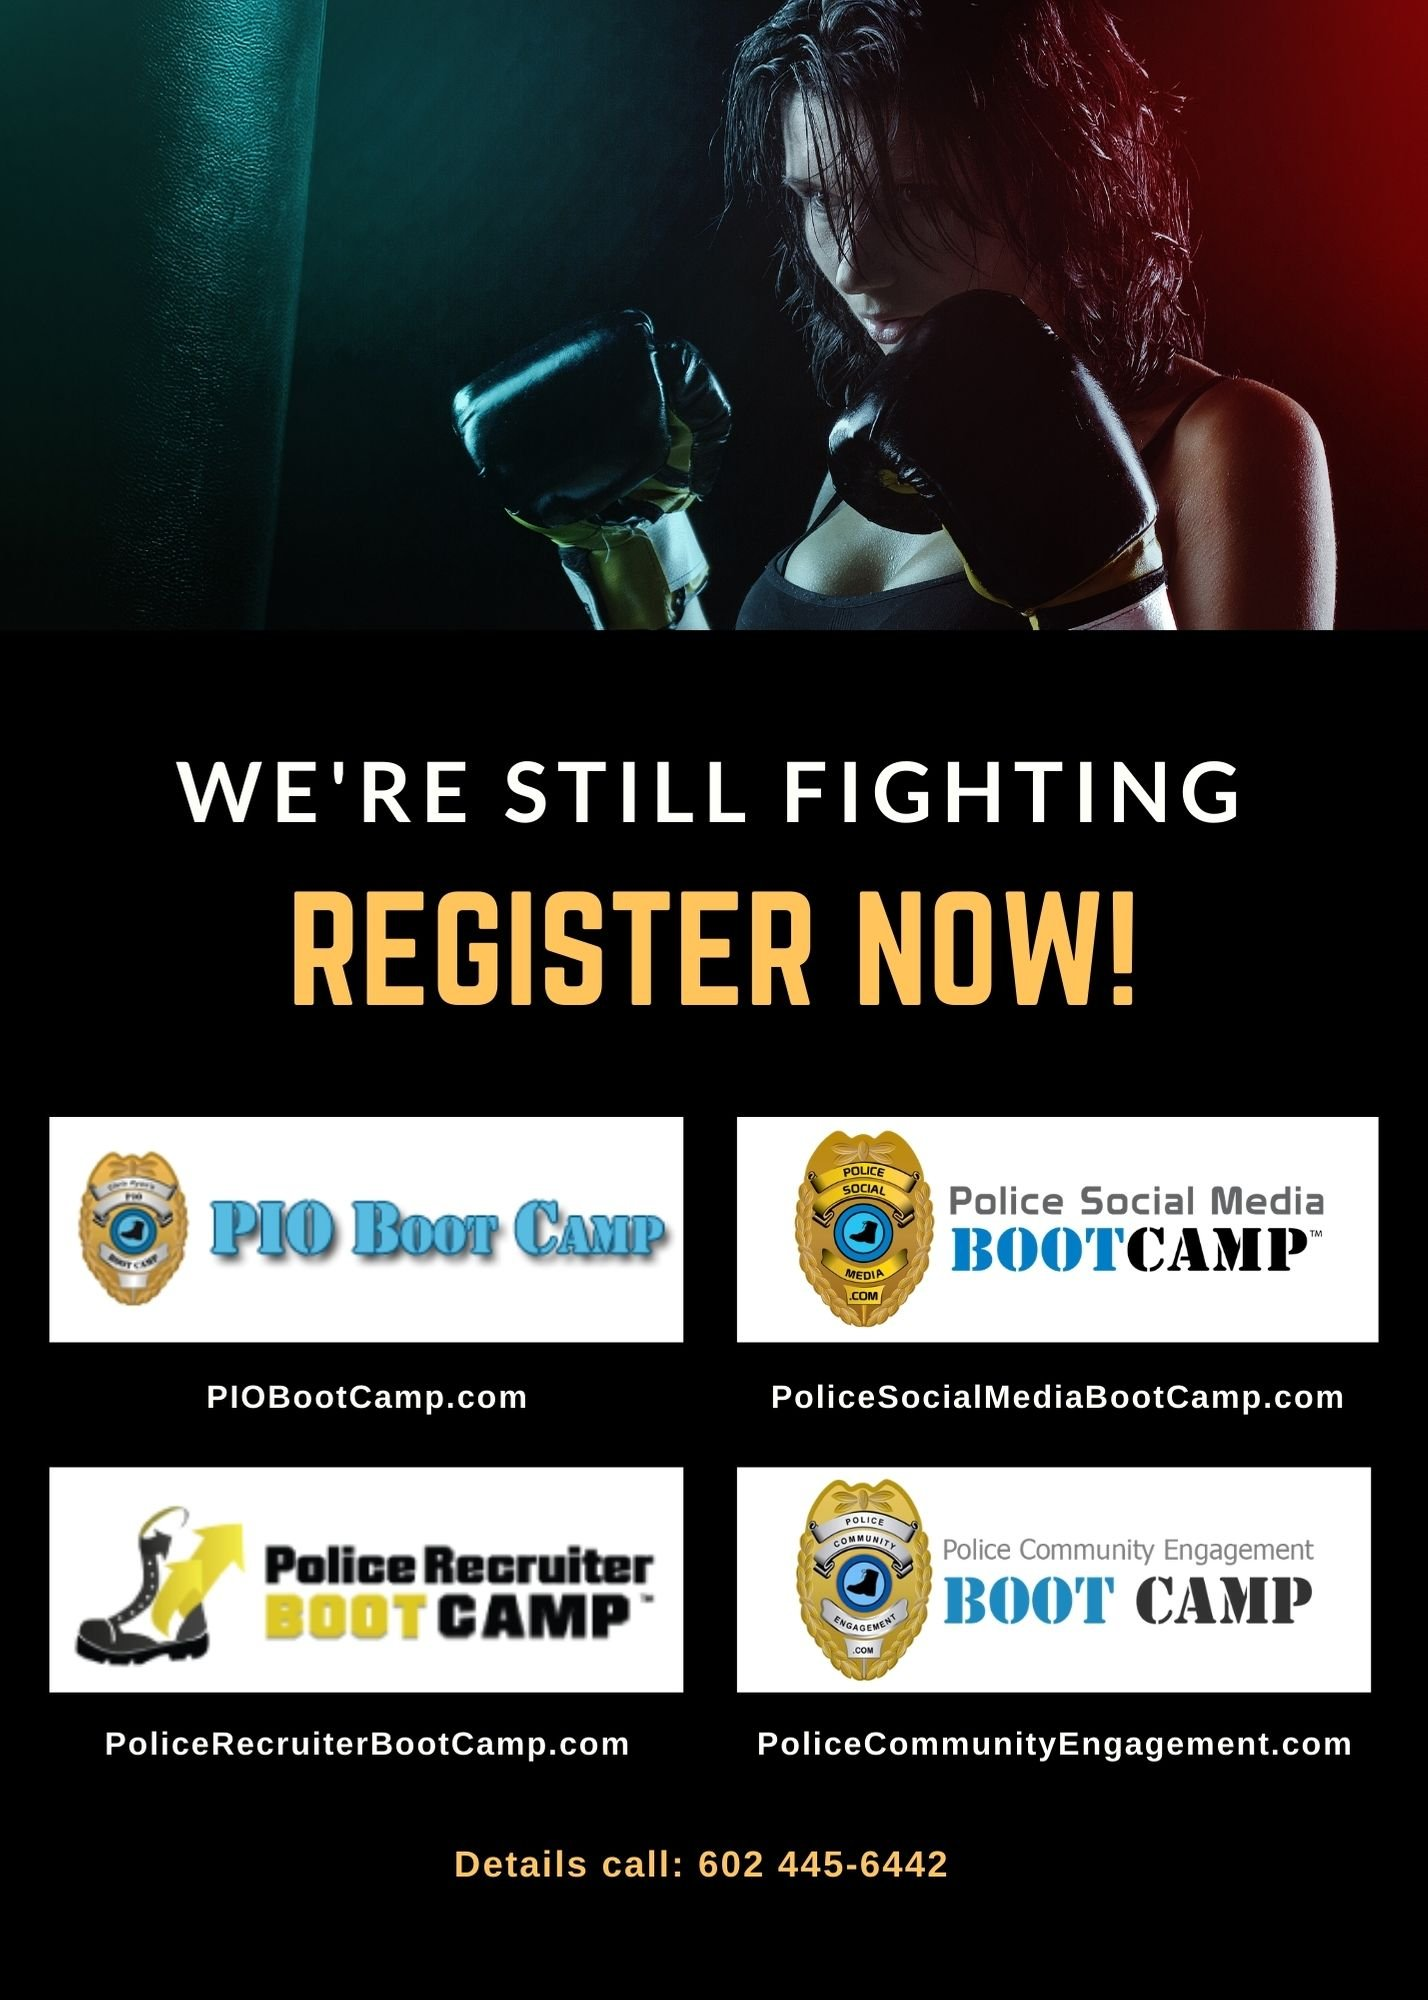 We're Still Fighting - Police Social Media